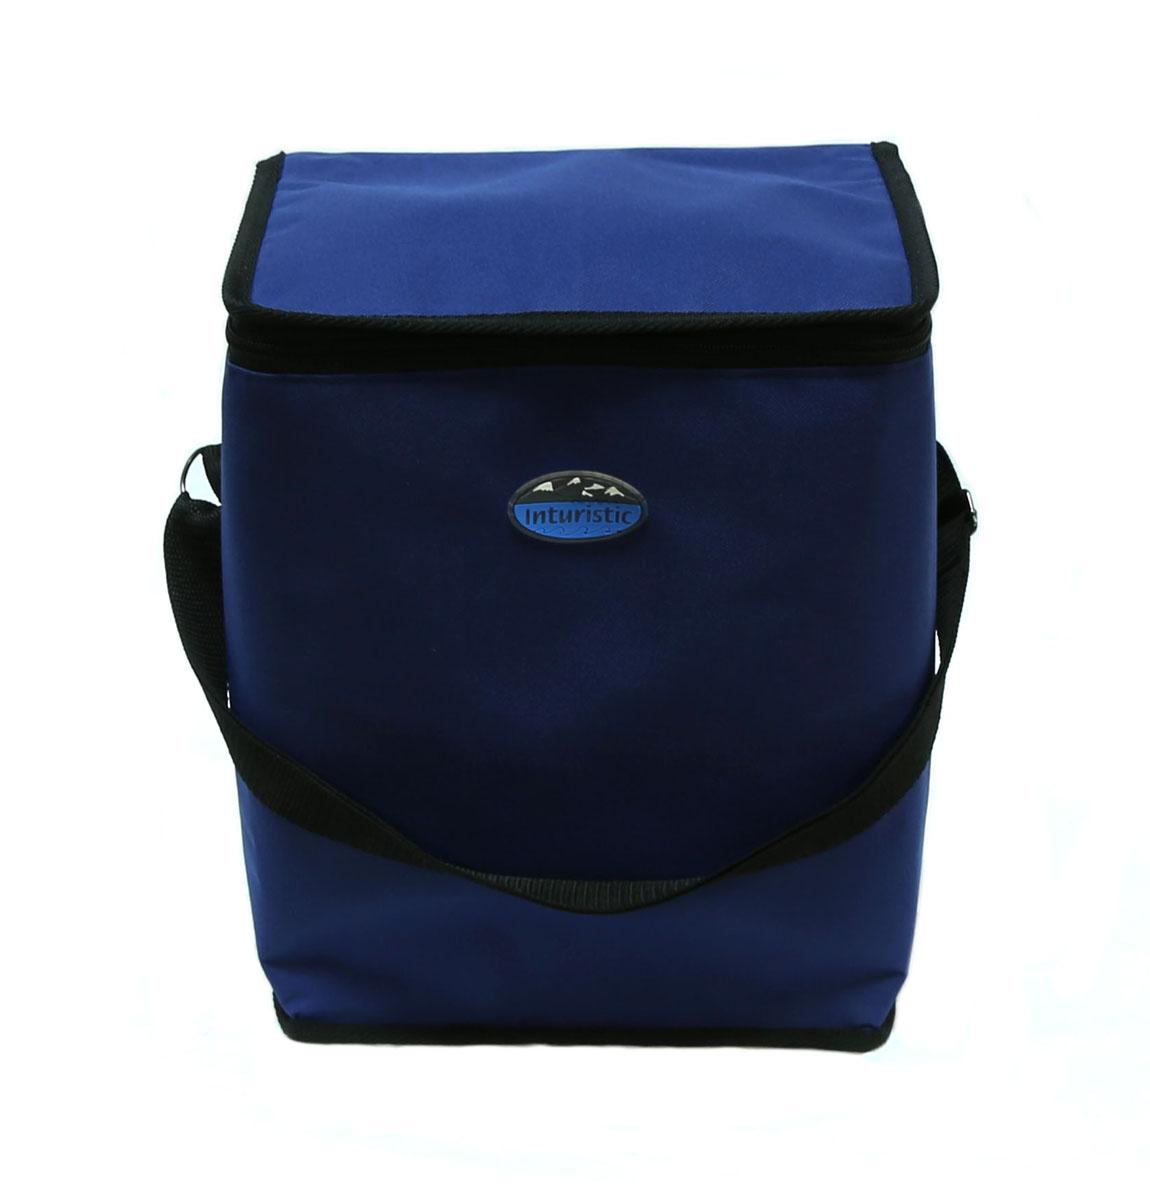 Сумка изотермическая Inturistic, цвет: синий, 17л128533-2Изотермическая сумка поможет сохранить температуру пищи и напитков в течение нескольких часов. Будет удобна при поездках на дачу, на пикник и дальних путешествиях.Коэффициент теплового отражения не менее 90%. Температурный диапазон применения от - 60С до 140С. Вмещает по высоте до 6 ПЭТ бутылок ёмкостью 1,5 л. с прохладительными напитками. Наибольший эффект достигается при использовании аккумуляторов холода. Имеется карман для аккумулятора холода. Карман можно использовать для переноски необходимых мелочей. Удобная для переноски контейнеров с едой и ланч боксов.